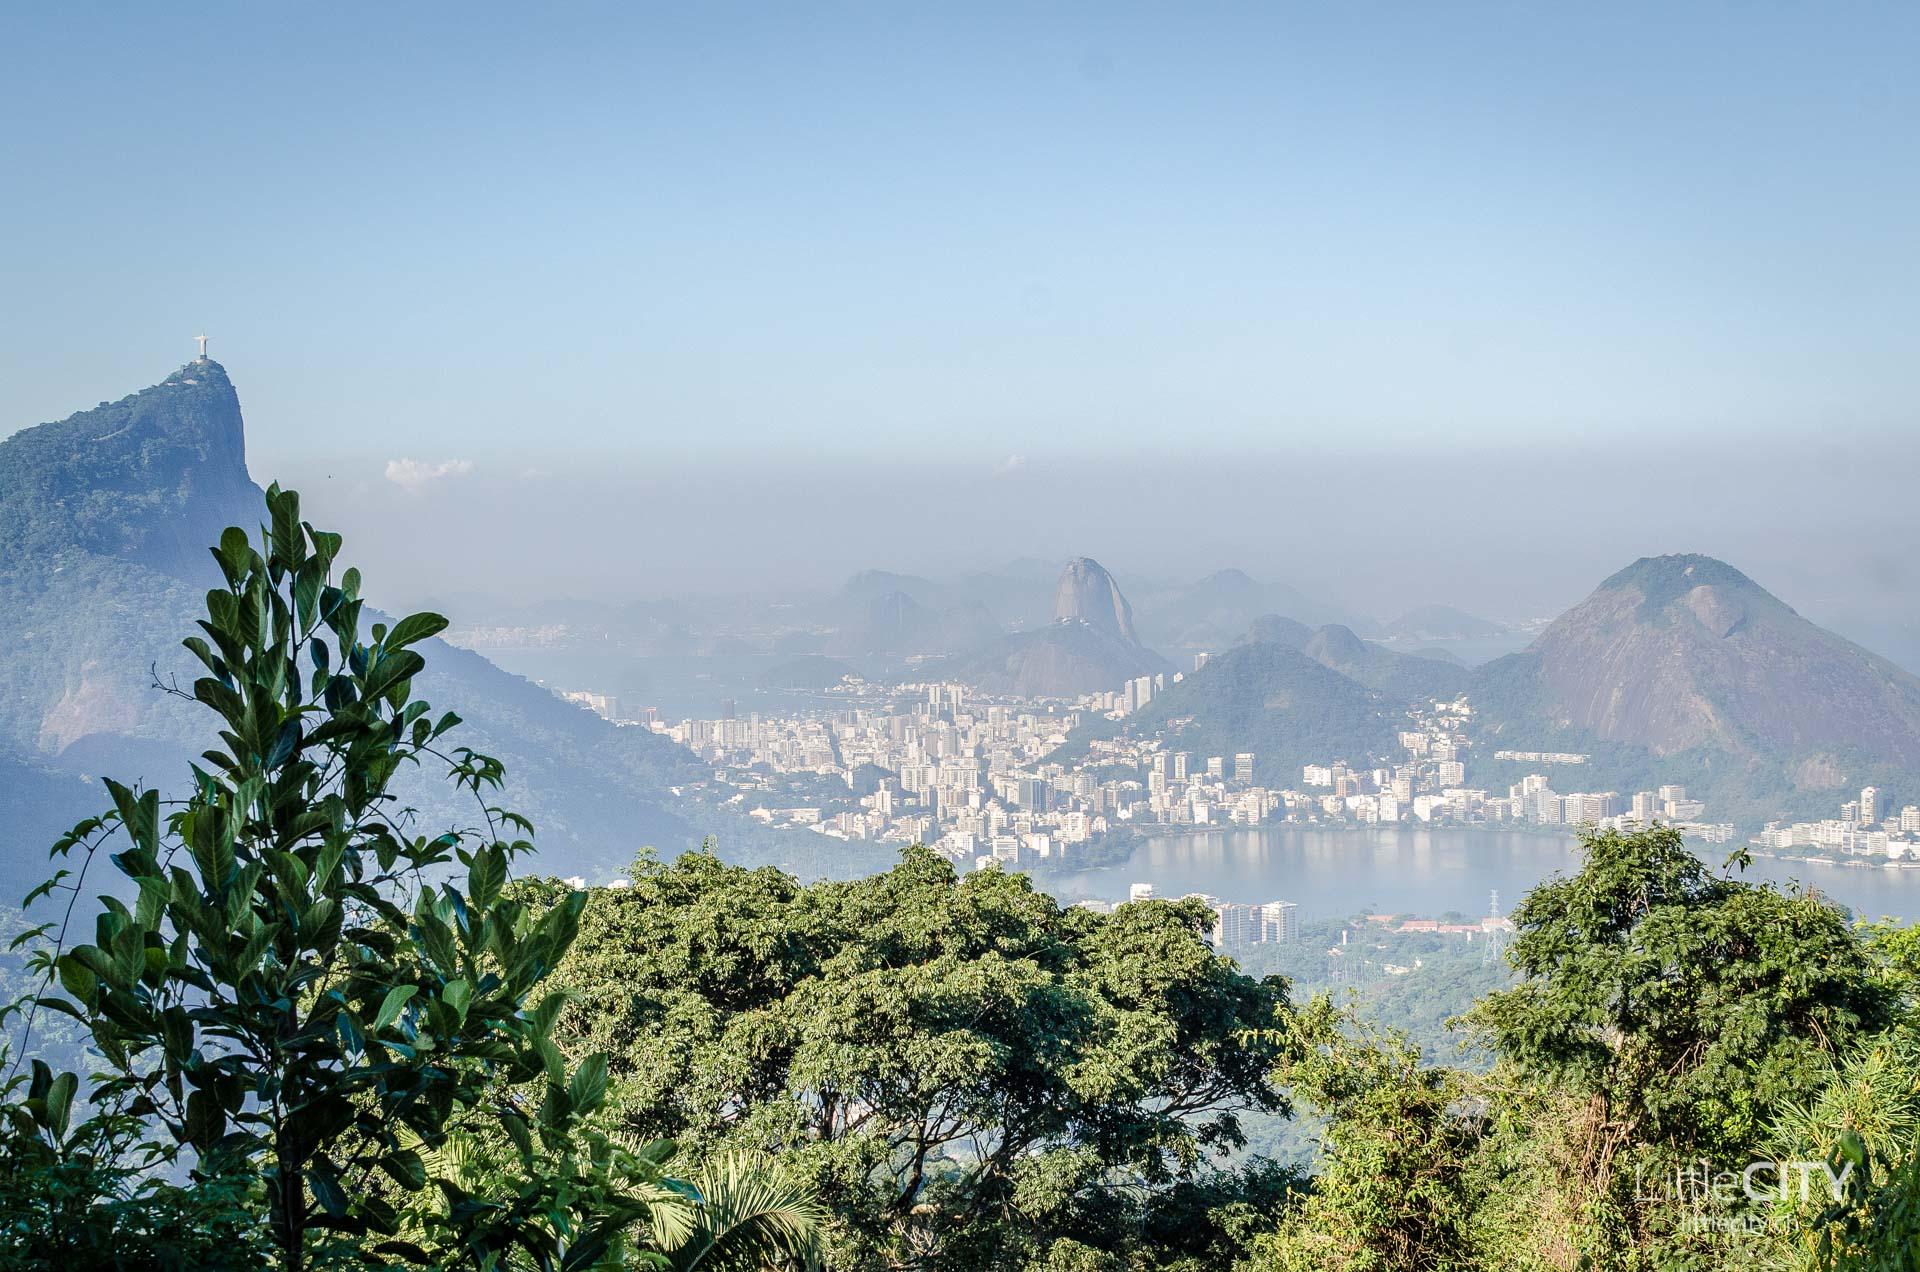 Vista Chinesa Rio de Janeiro